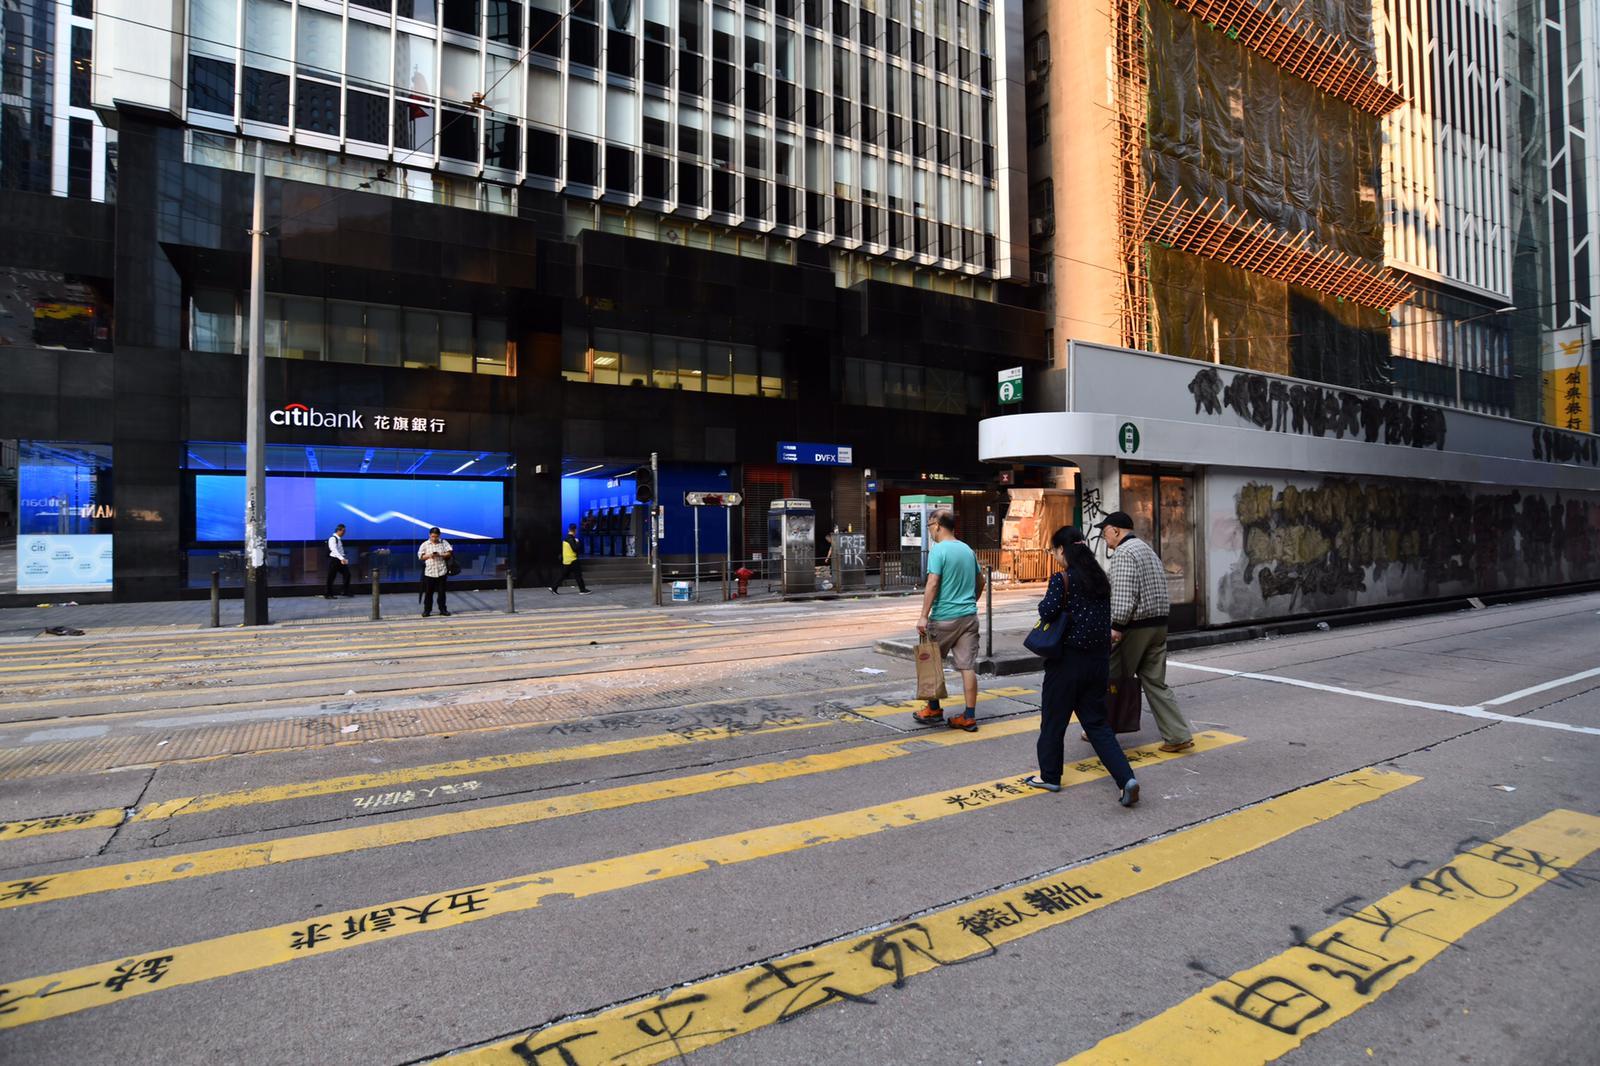 馬路上的黃線被示威者寫滿抗議字句。